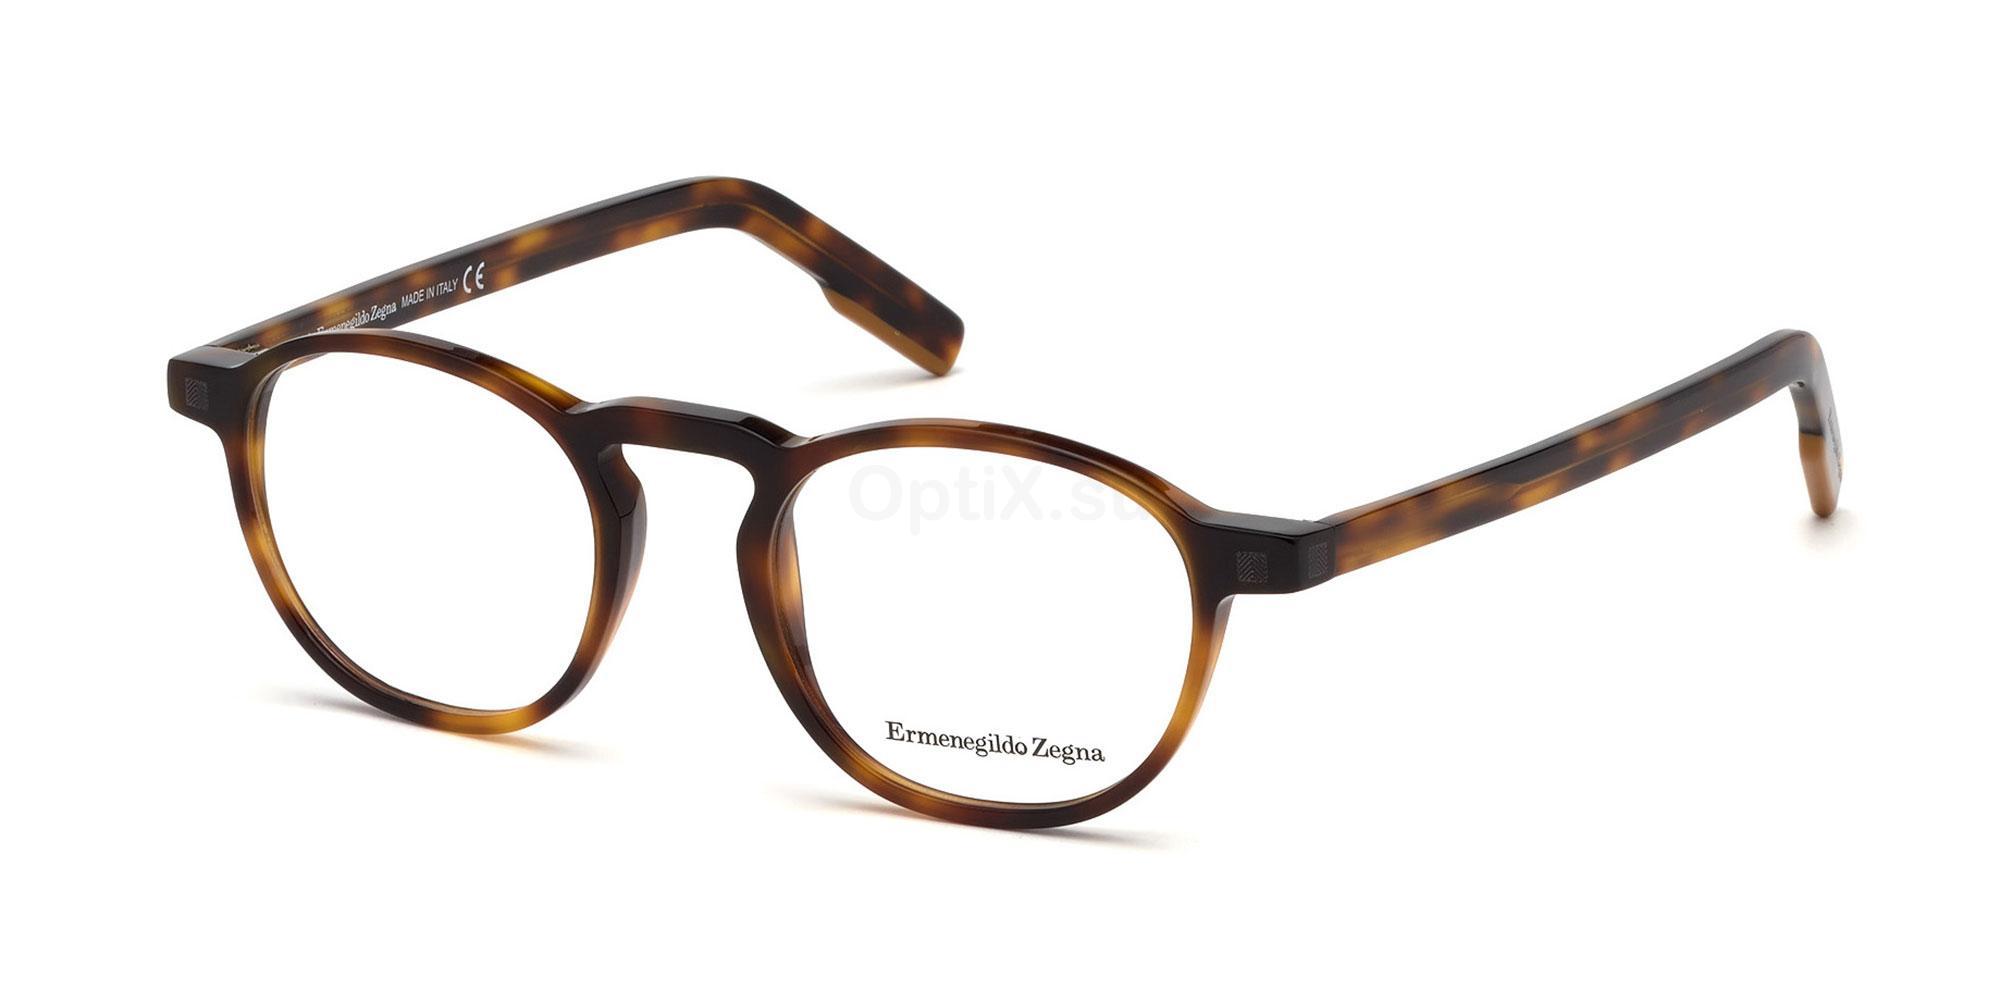 052 EZ5144 Glasses, Ermenegildo Zegna